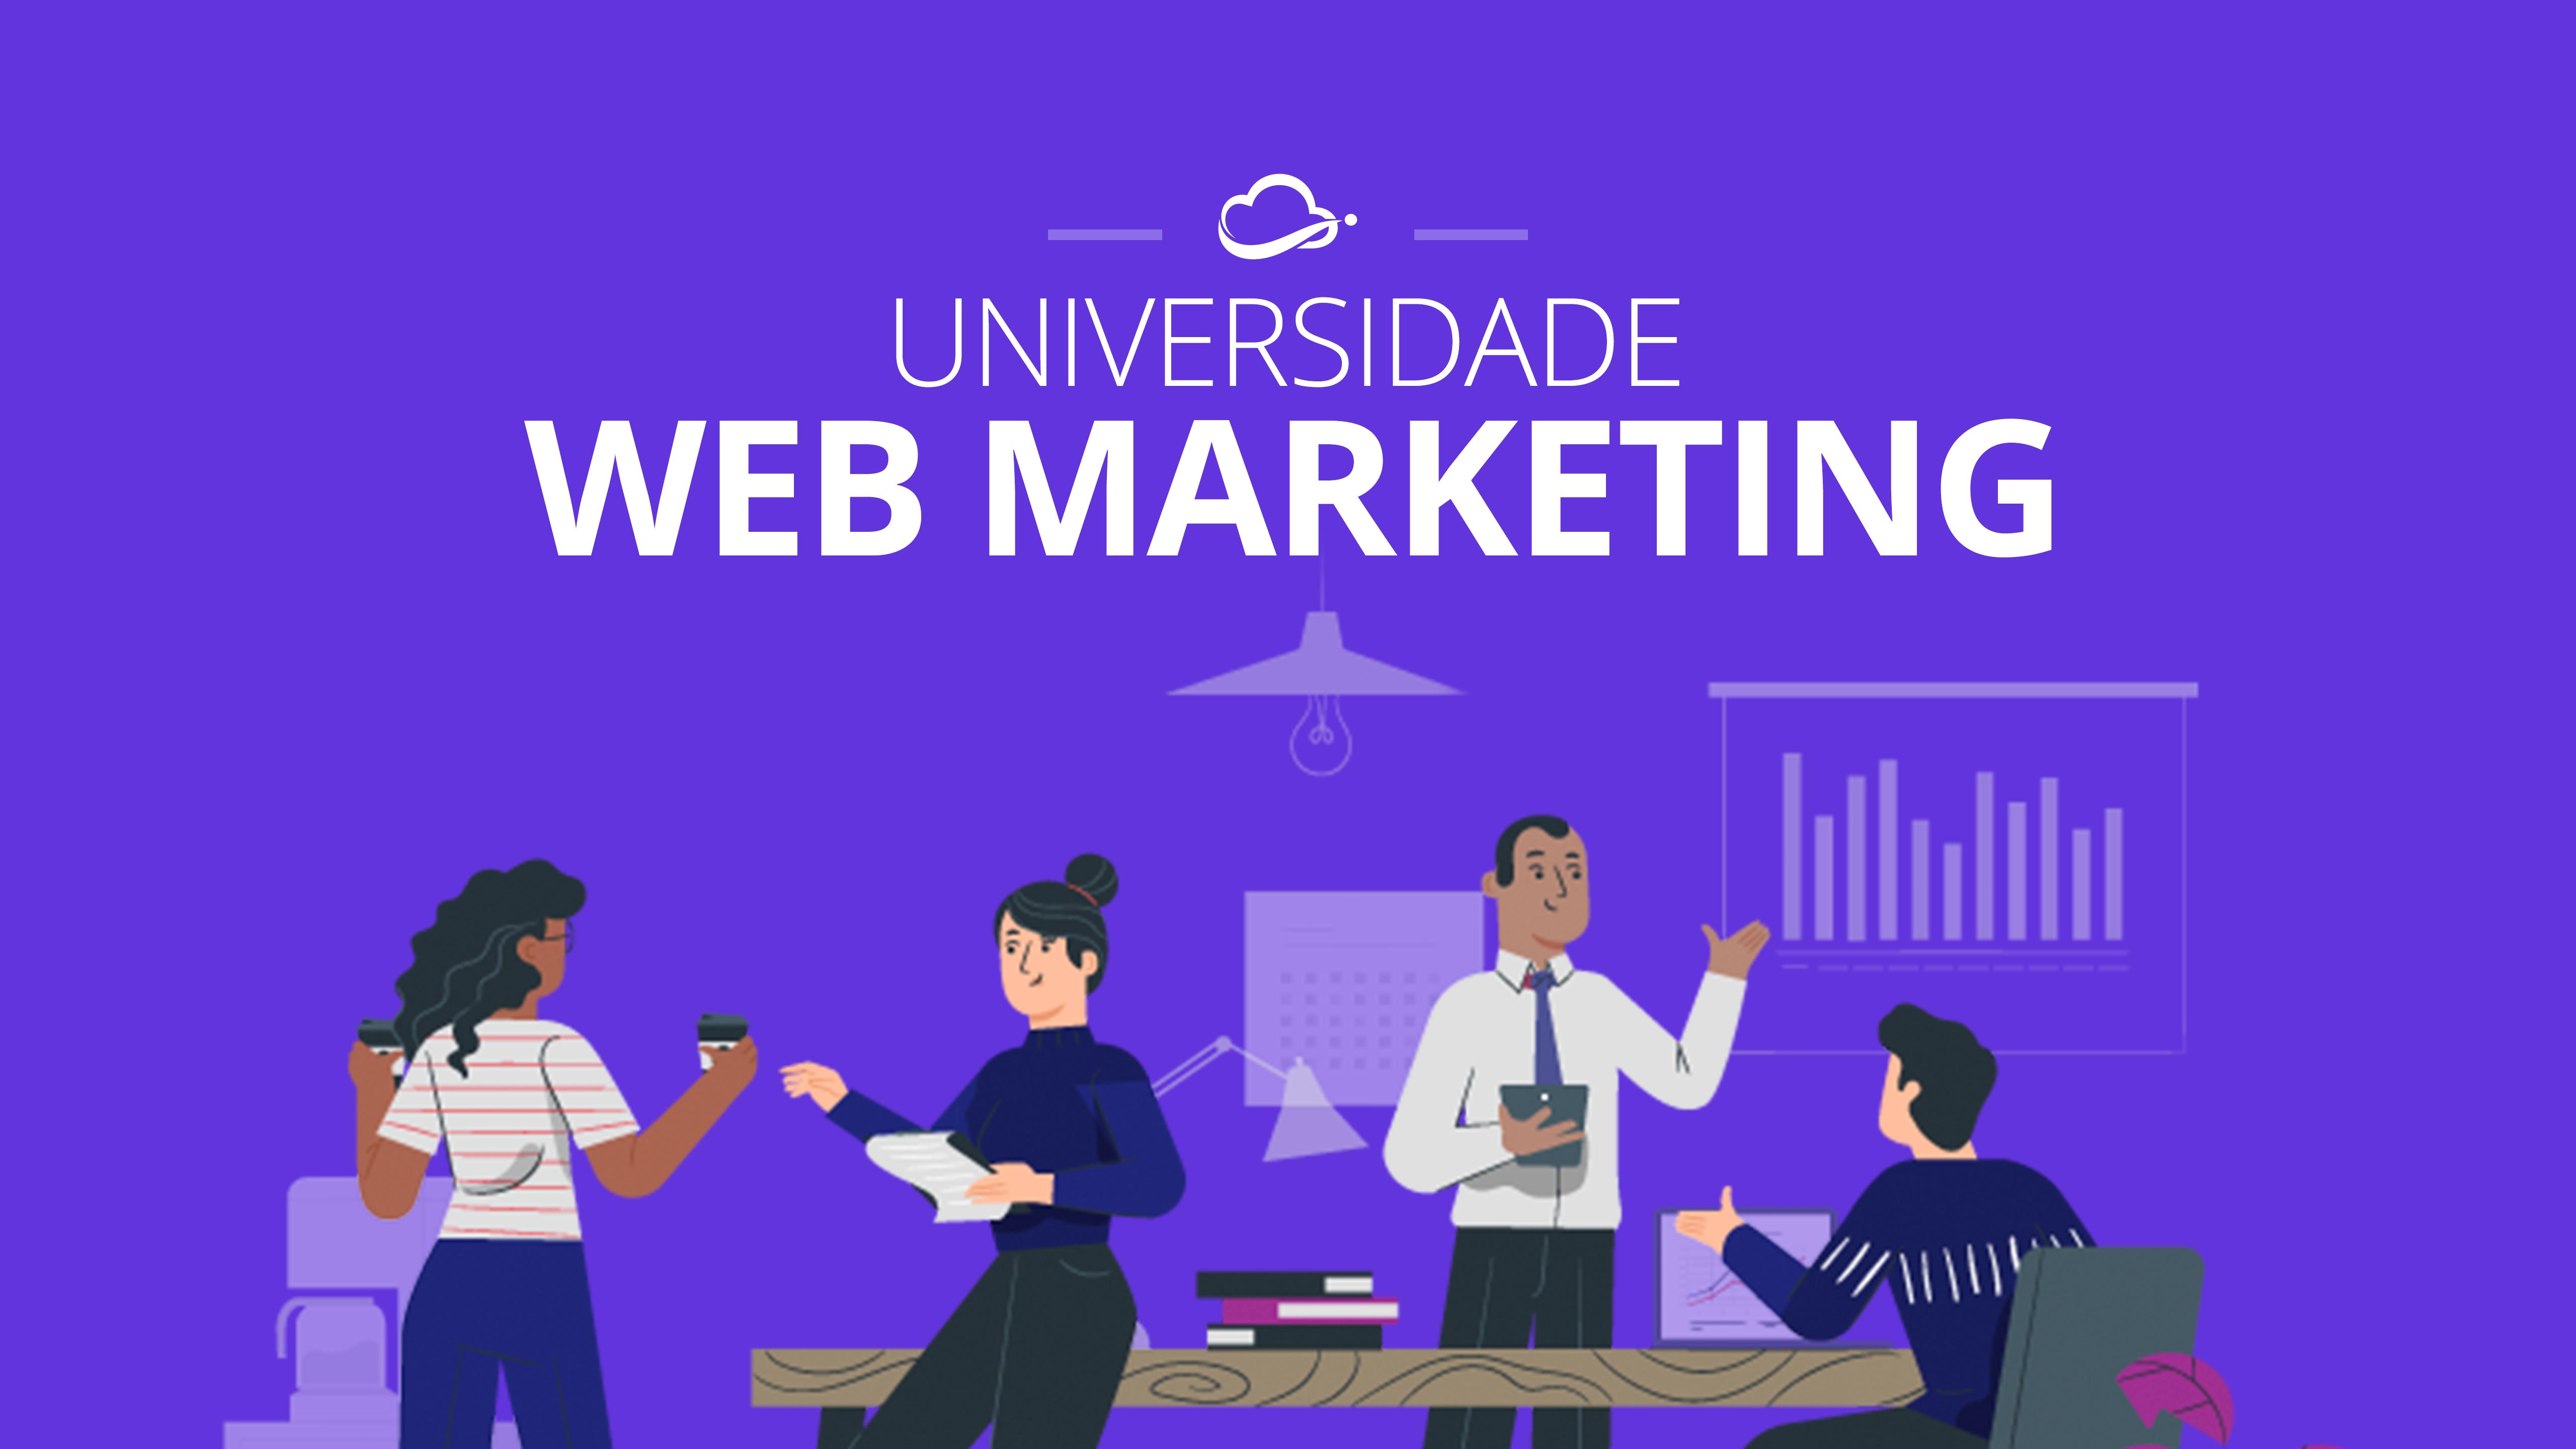 universidade-web-marketing-hostnet